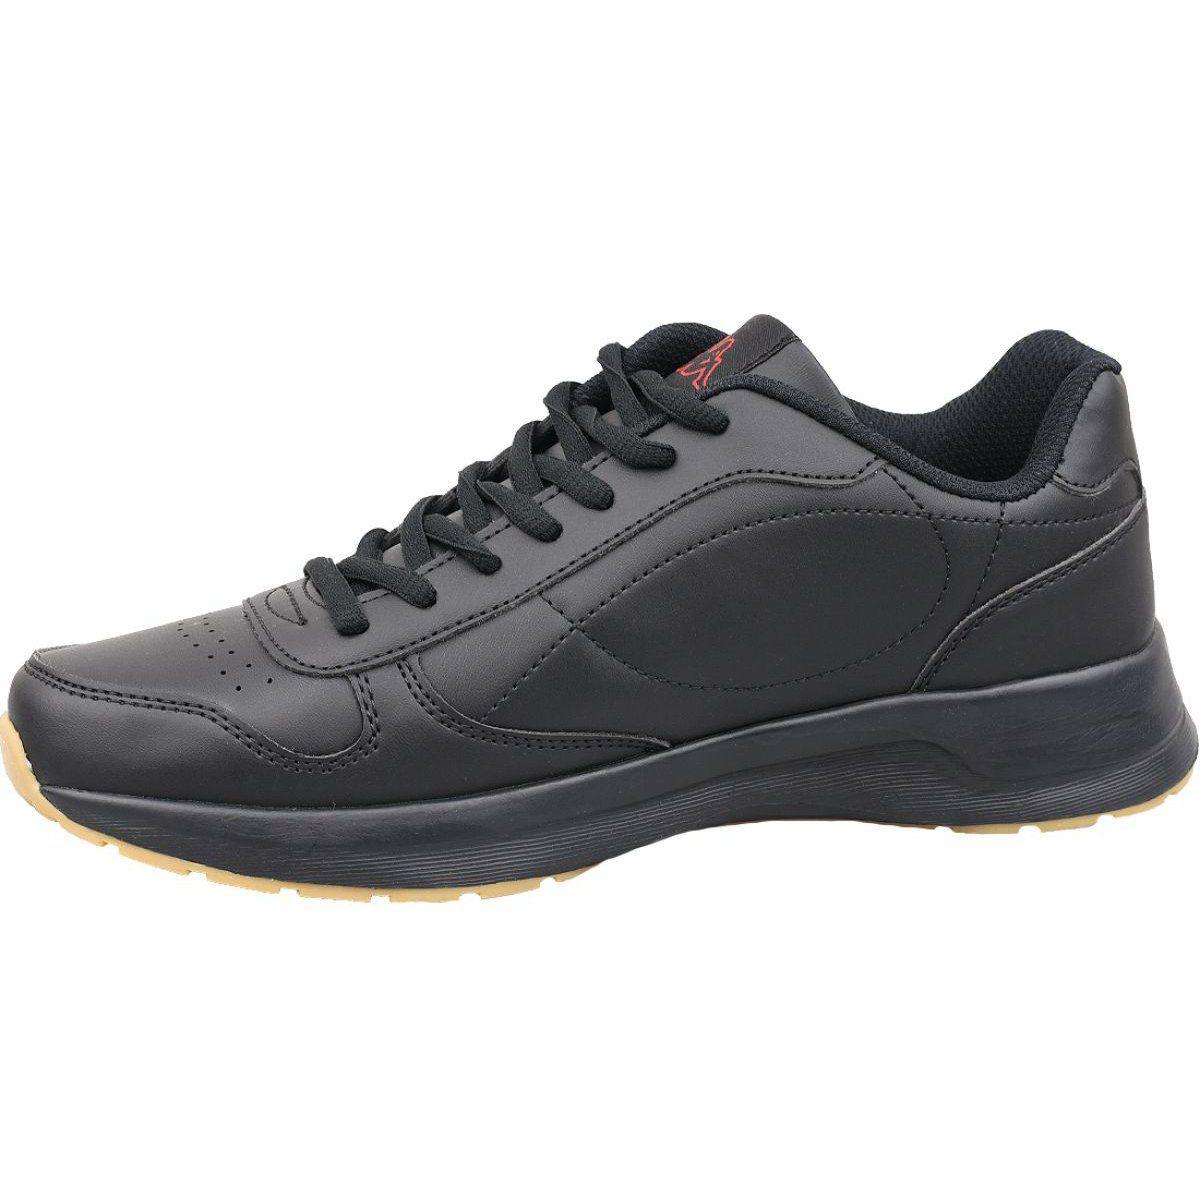 Buty Kappa Base Ii M 242492 1111 Czarne Shoes All Black Sneakers Black